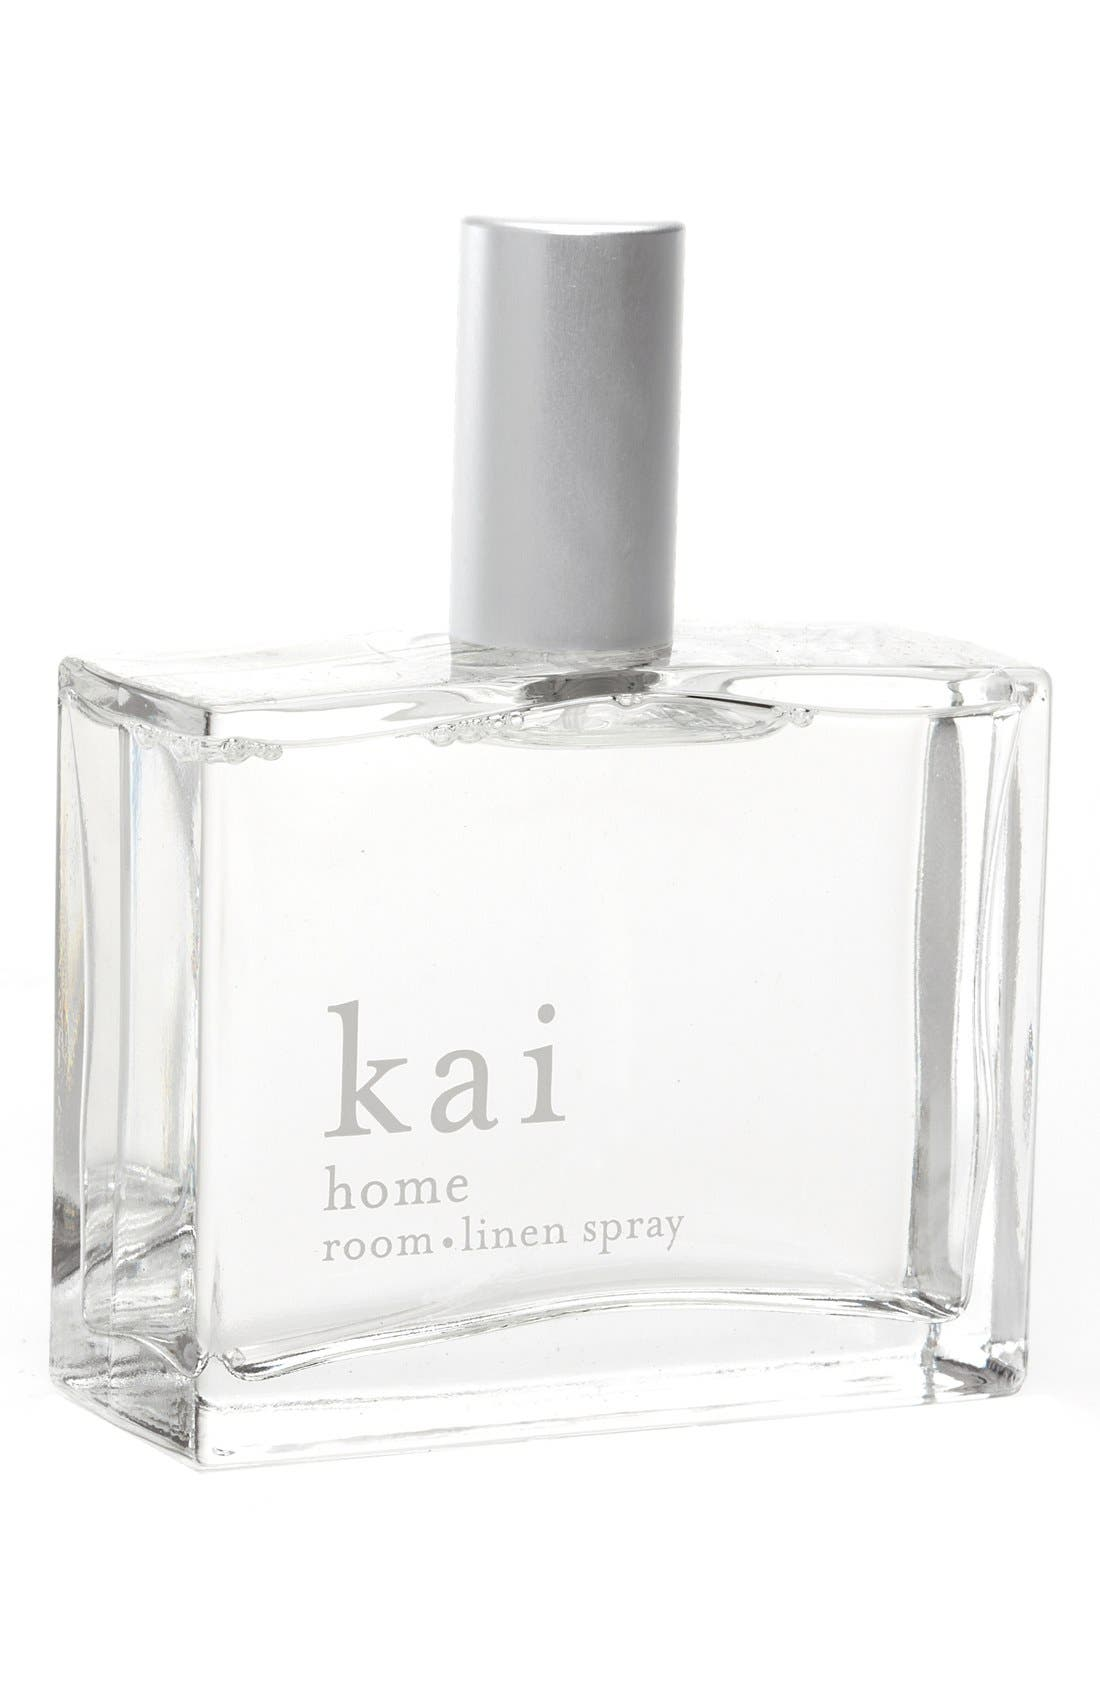 kai 'Home' Room & Linen Spray